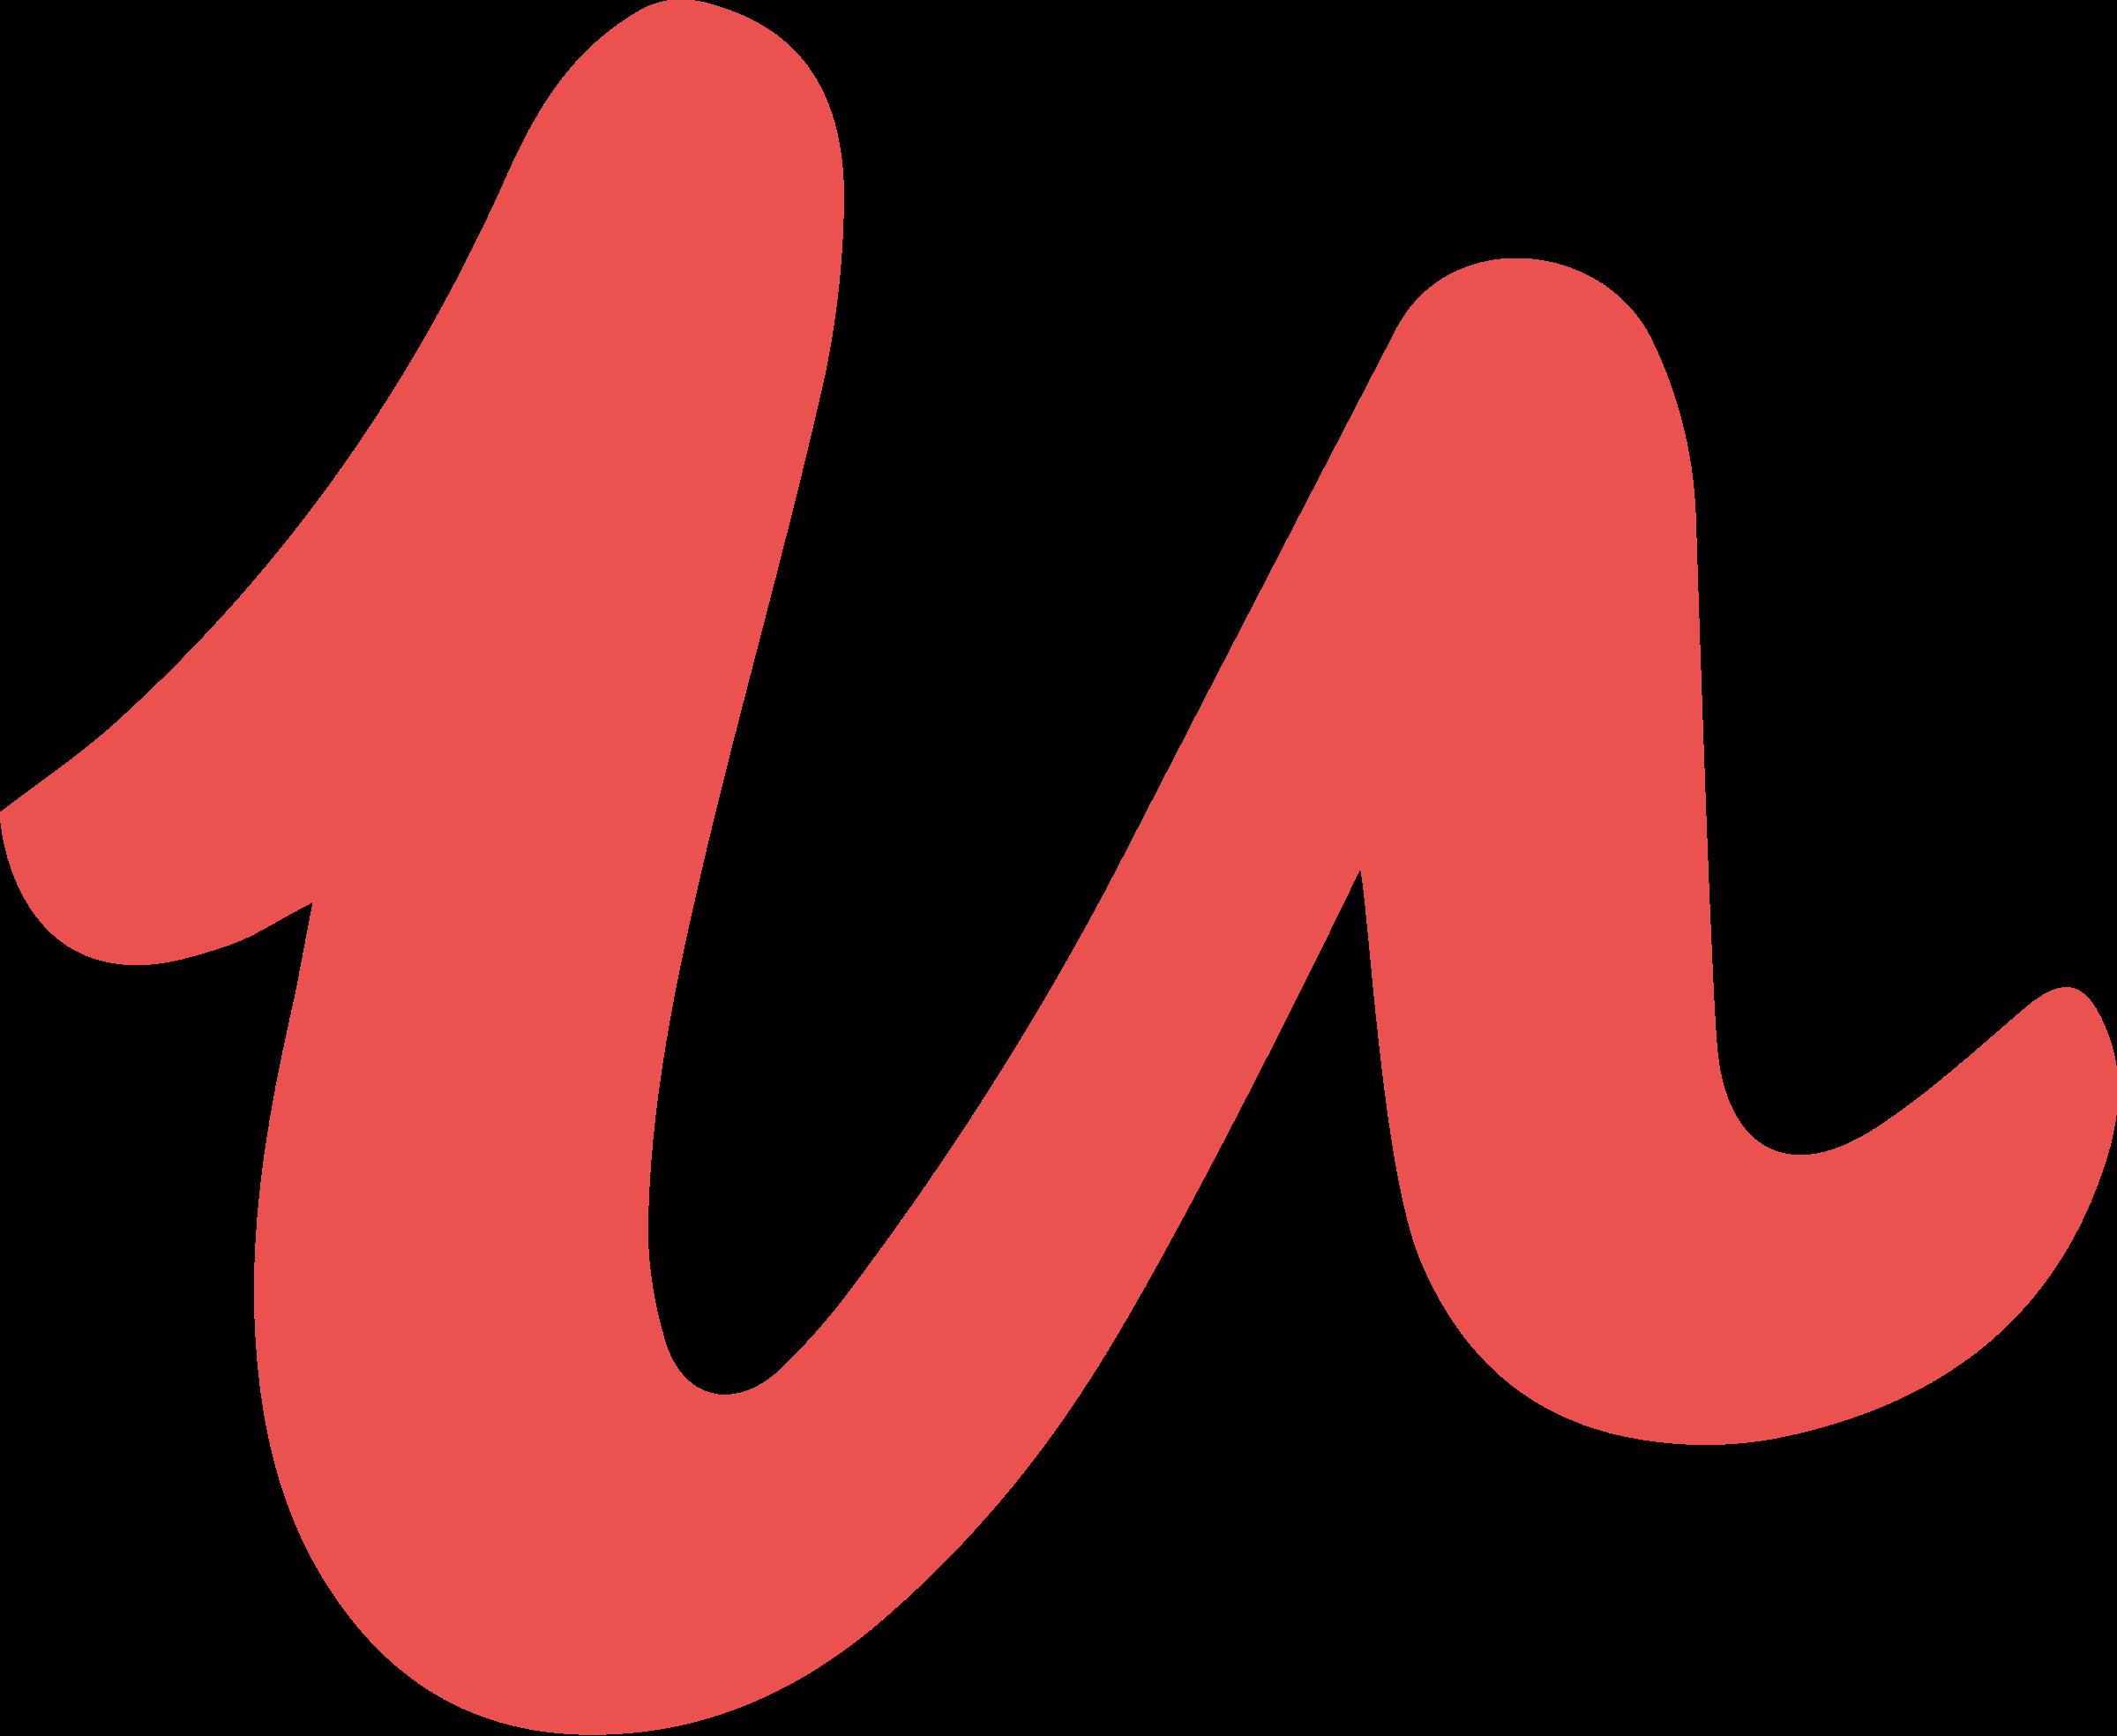 Cupón de descuento para cursos en Udemy